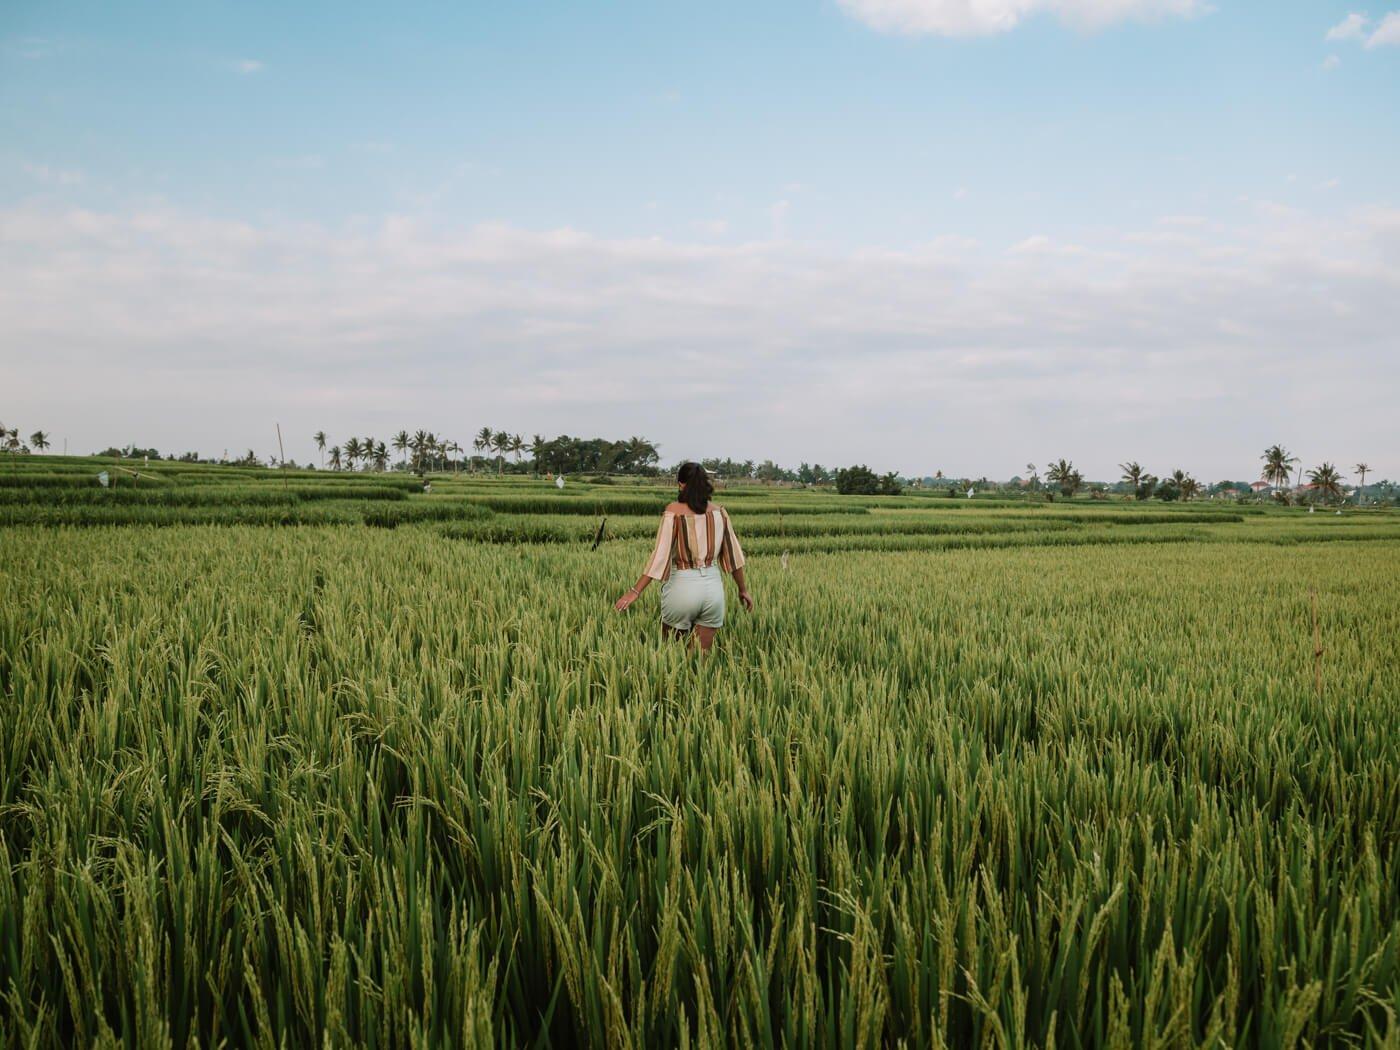 Campo de Arroz em Canggu, Bali